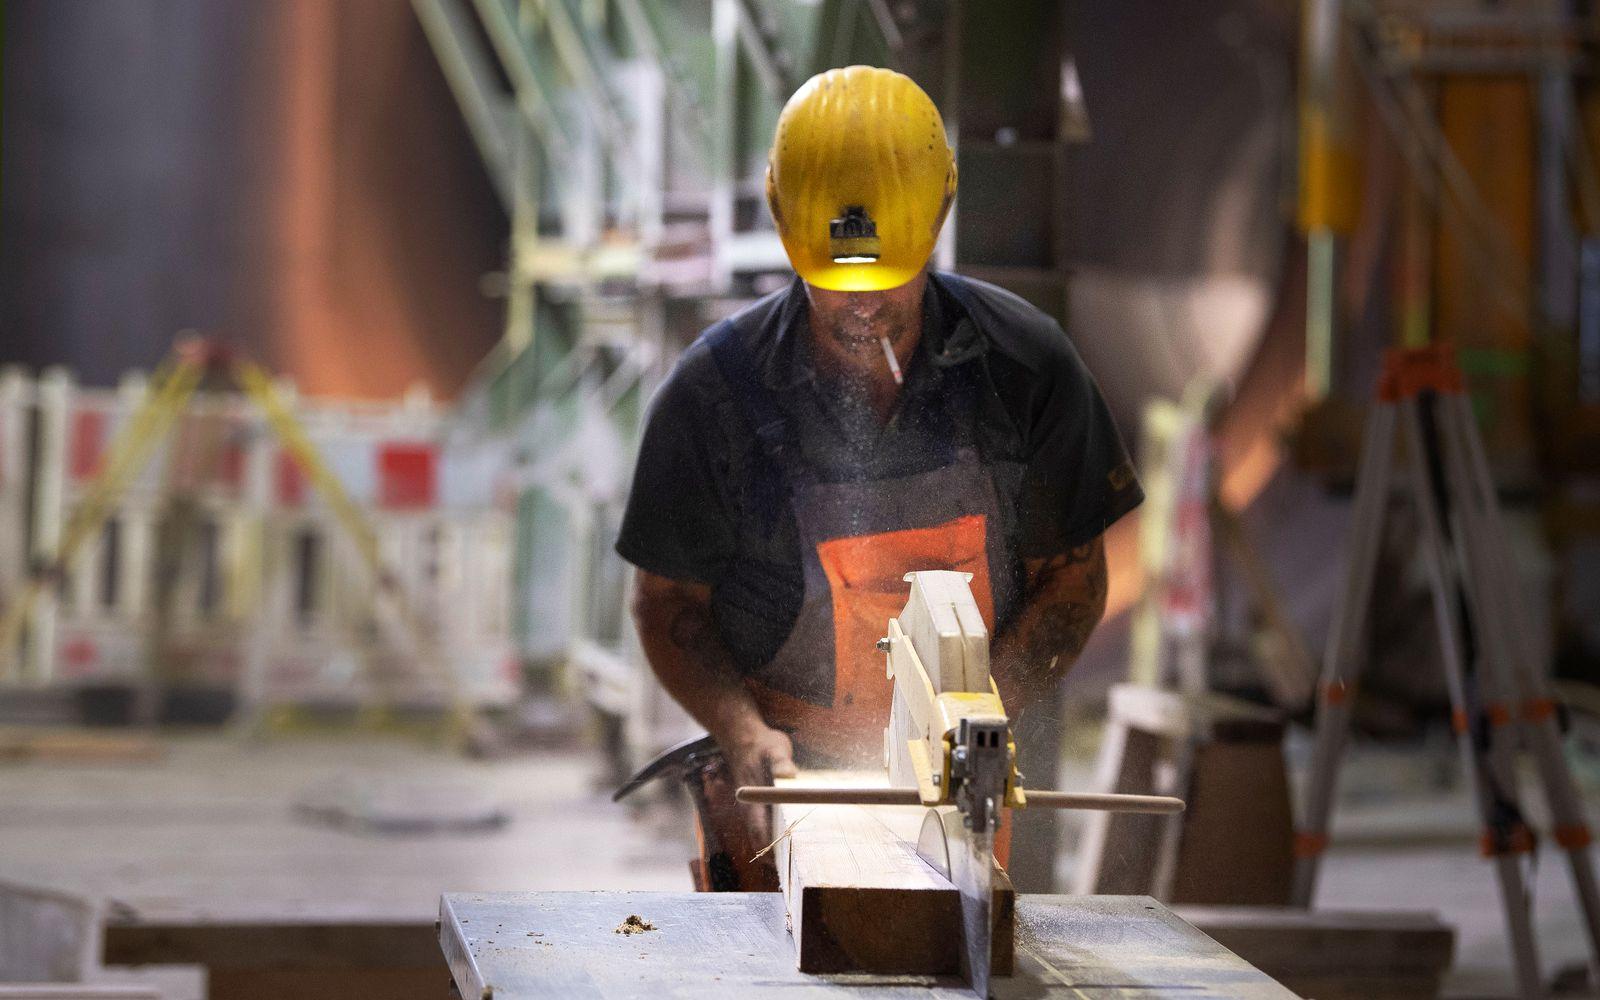 Konjunktur / Baustelle / Bauarbeiter / Konjunkturpaket